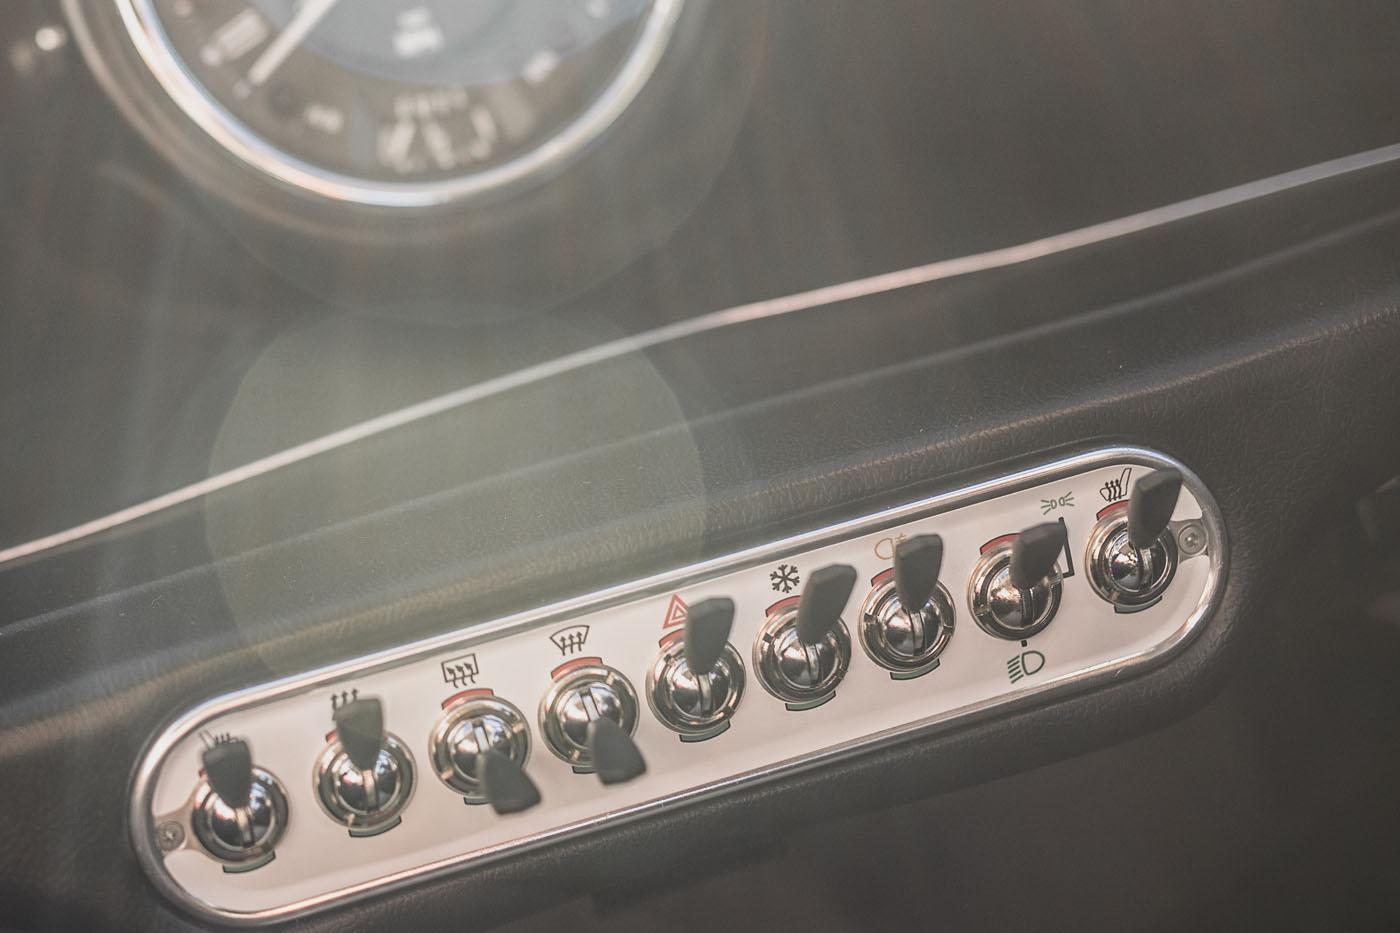 TheSwind E Classic Mini will sport retro-cool switches on the dash